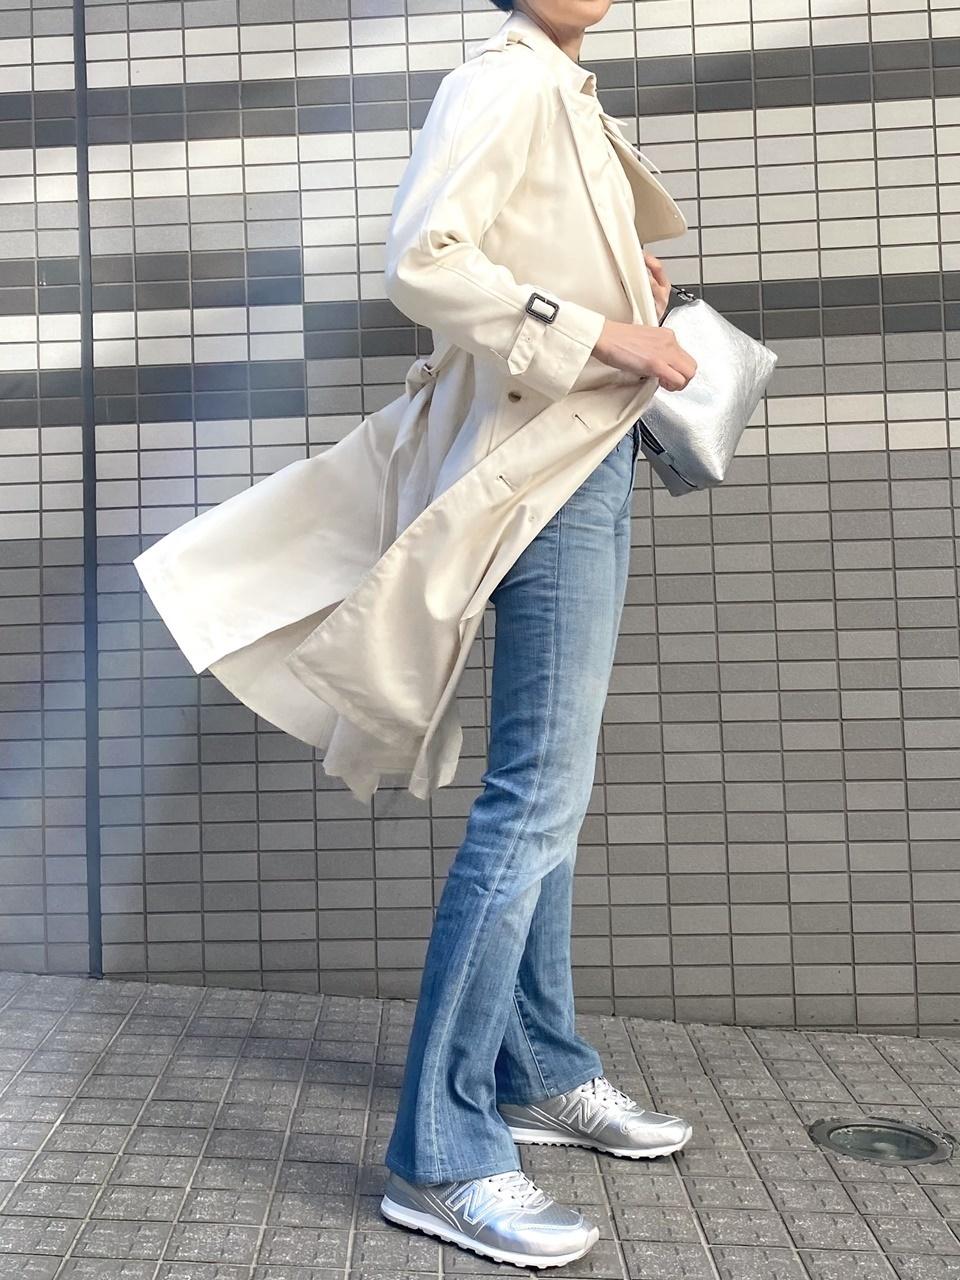 アラフィー華組ブロガー『スニーカーコーデ』大人カジュアルな着こなし